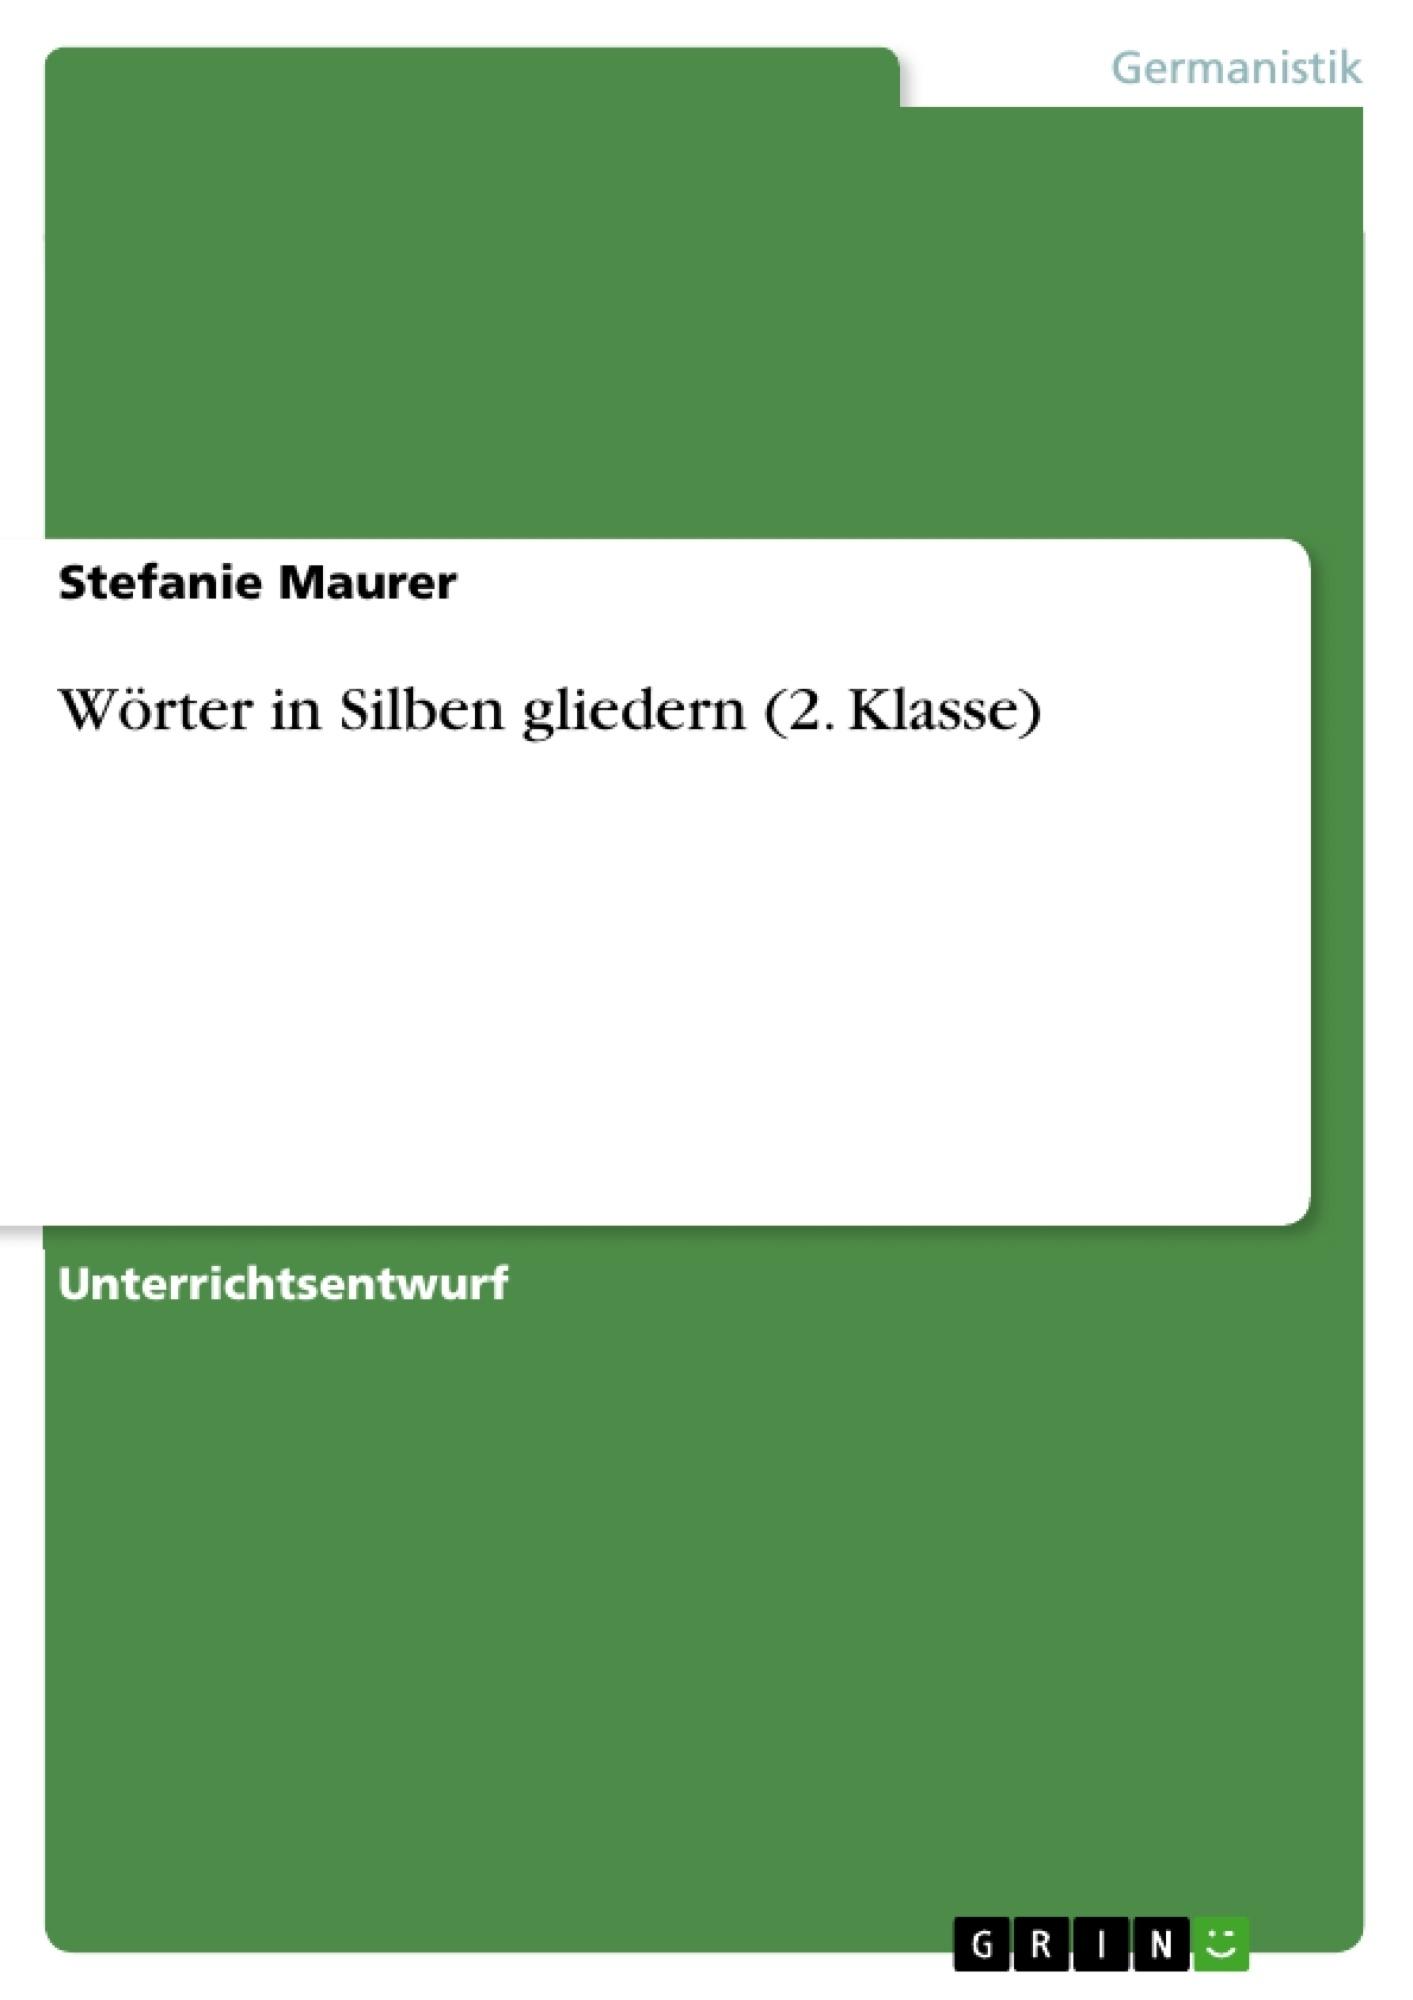 Wörter in Silben gliedern (2. Klasse) | Masterarbeit, Hausarbeit ...